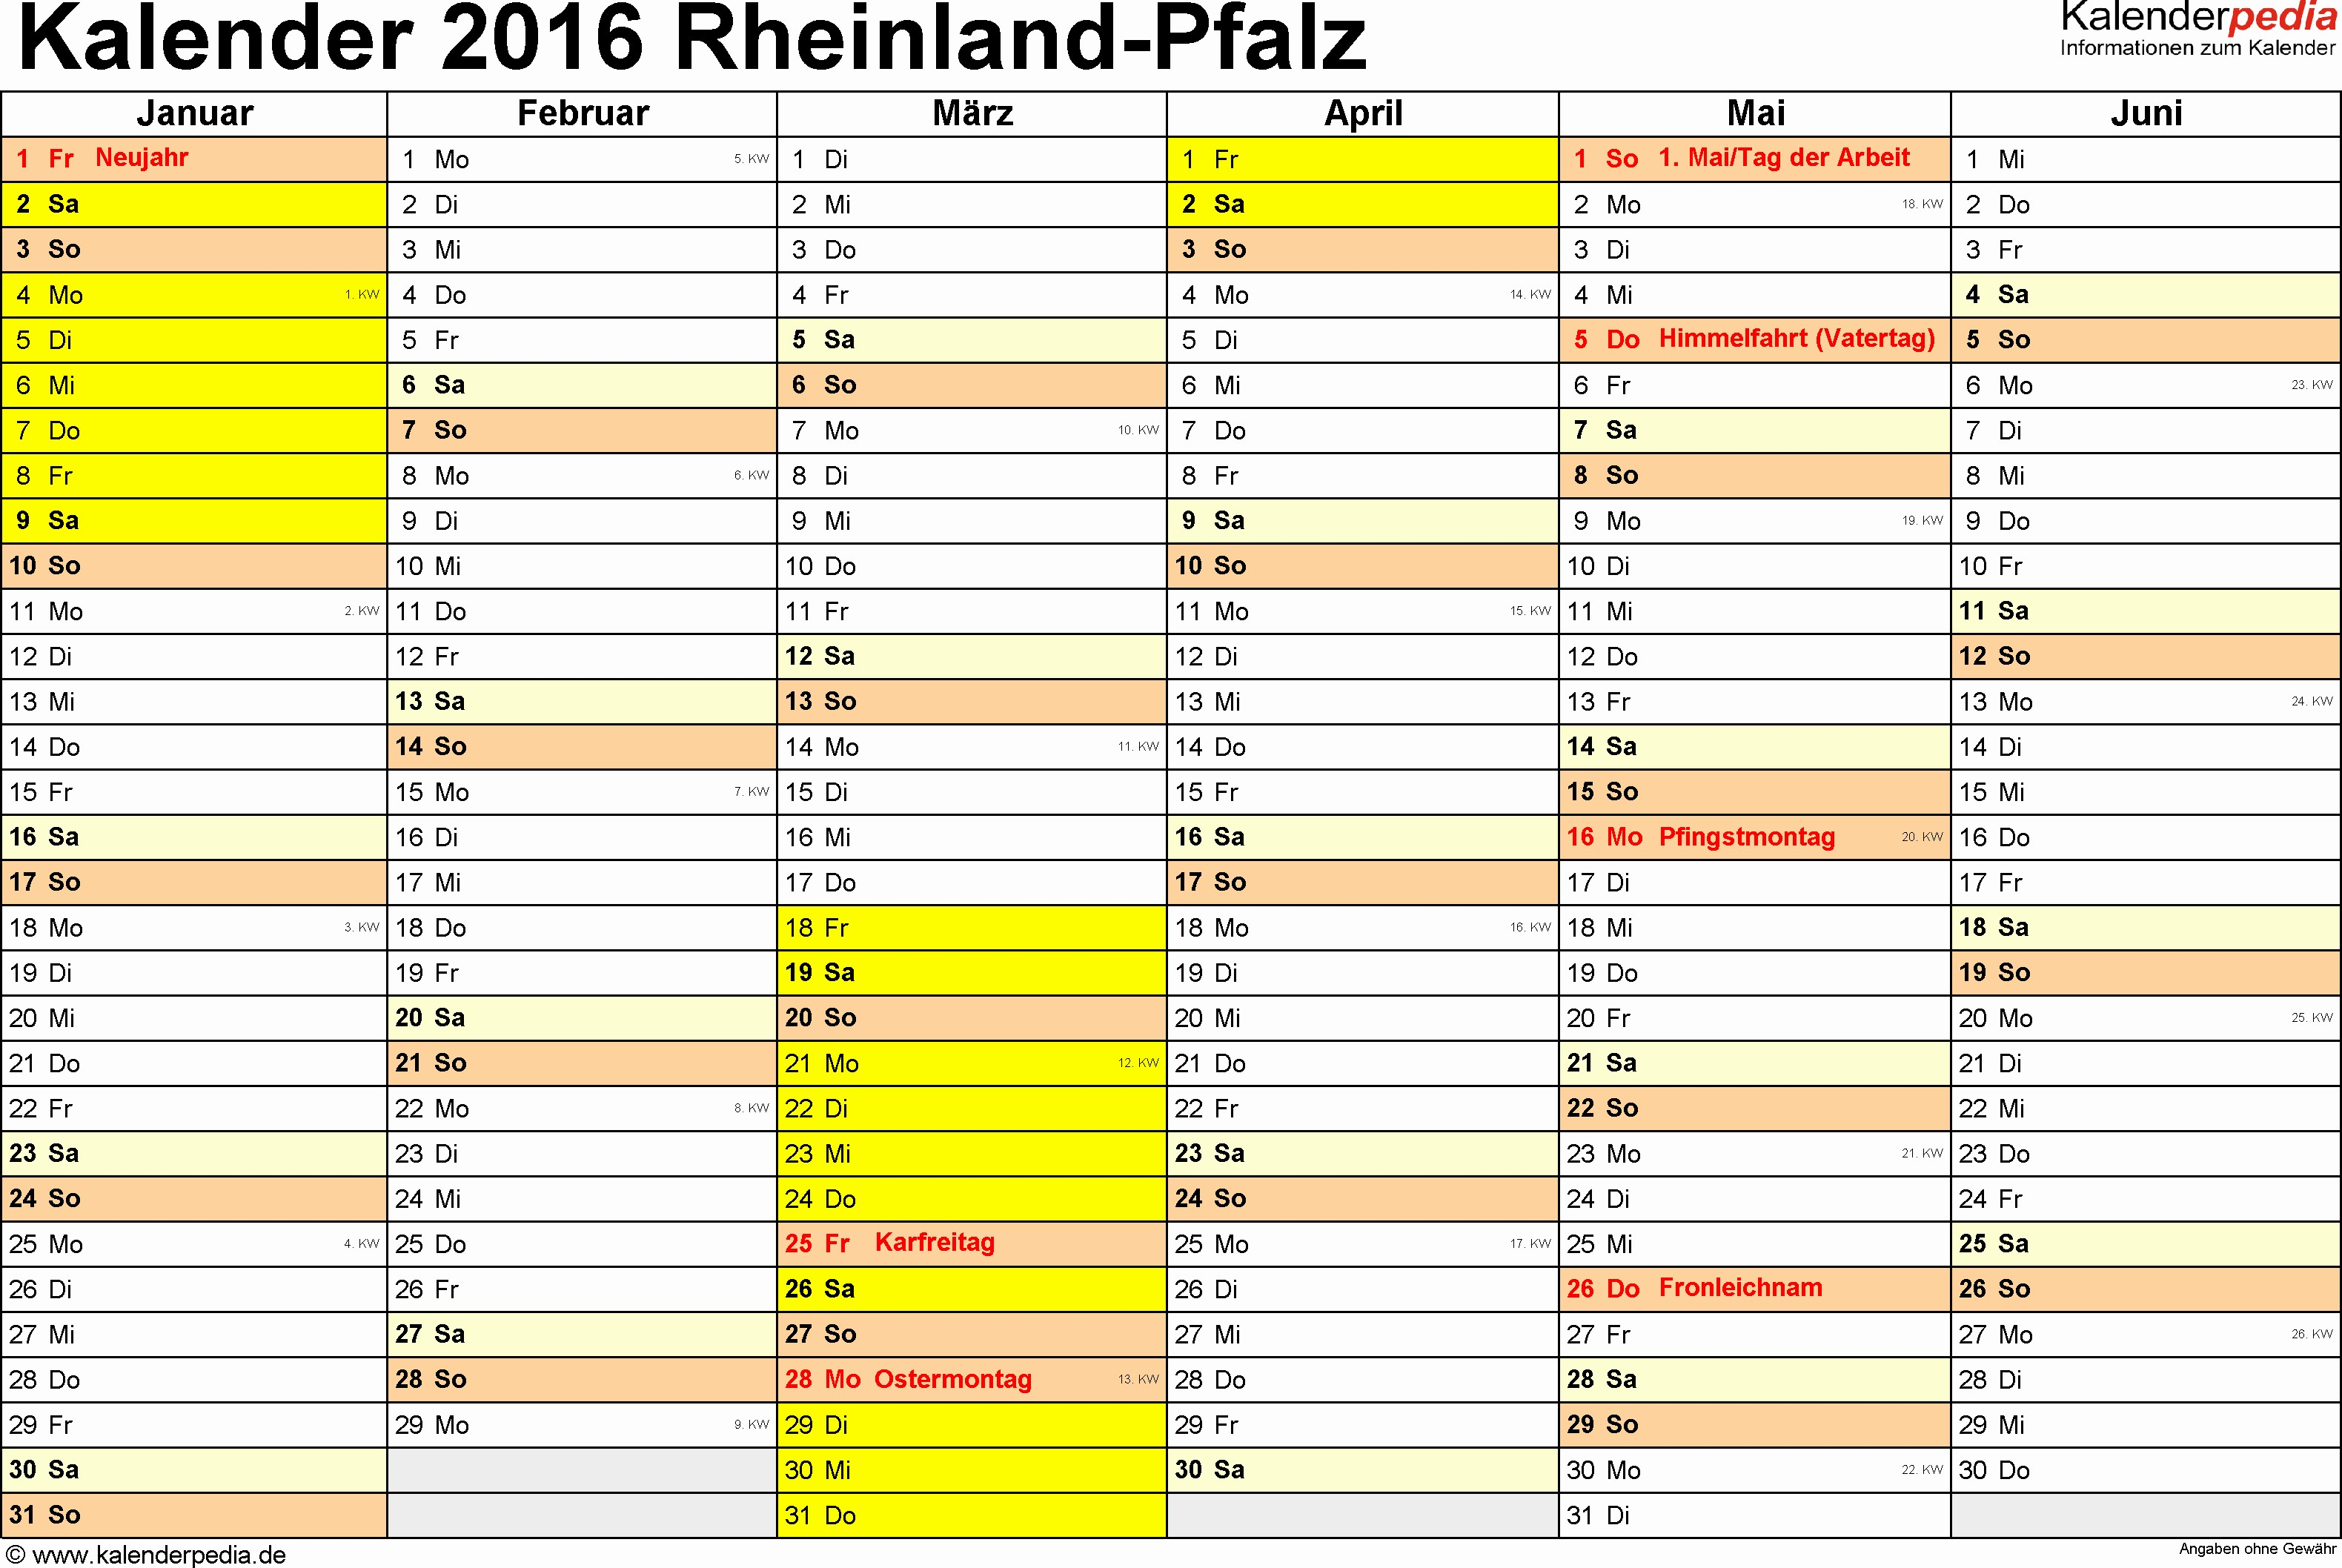 Kalender 2019 Pdf Bayer Más Recientes 71 Elegant Fotos Von Kalender 2016 Mit Feiertagen Sachsen